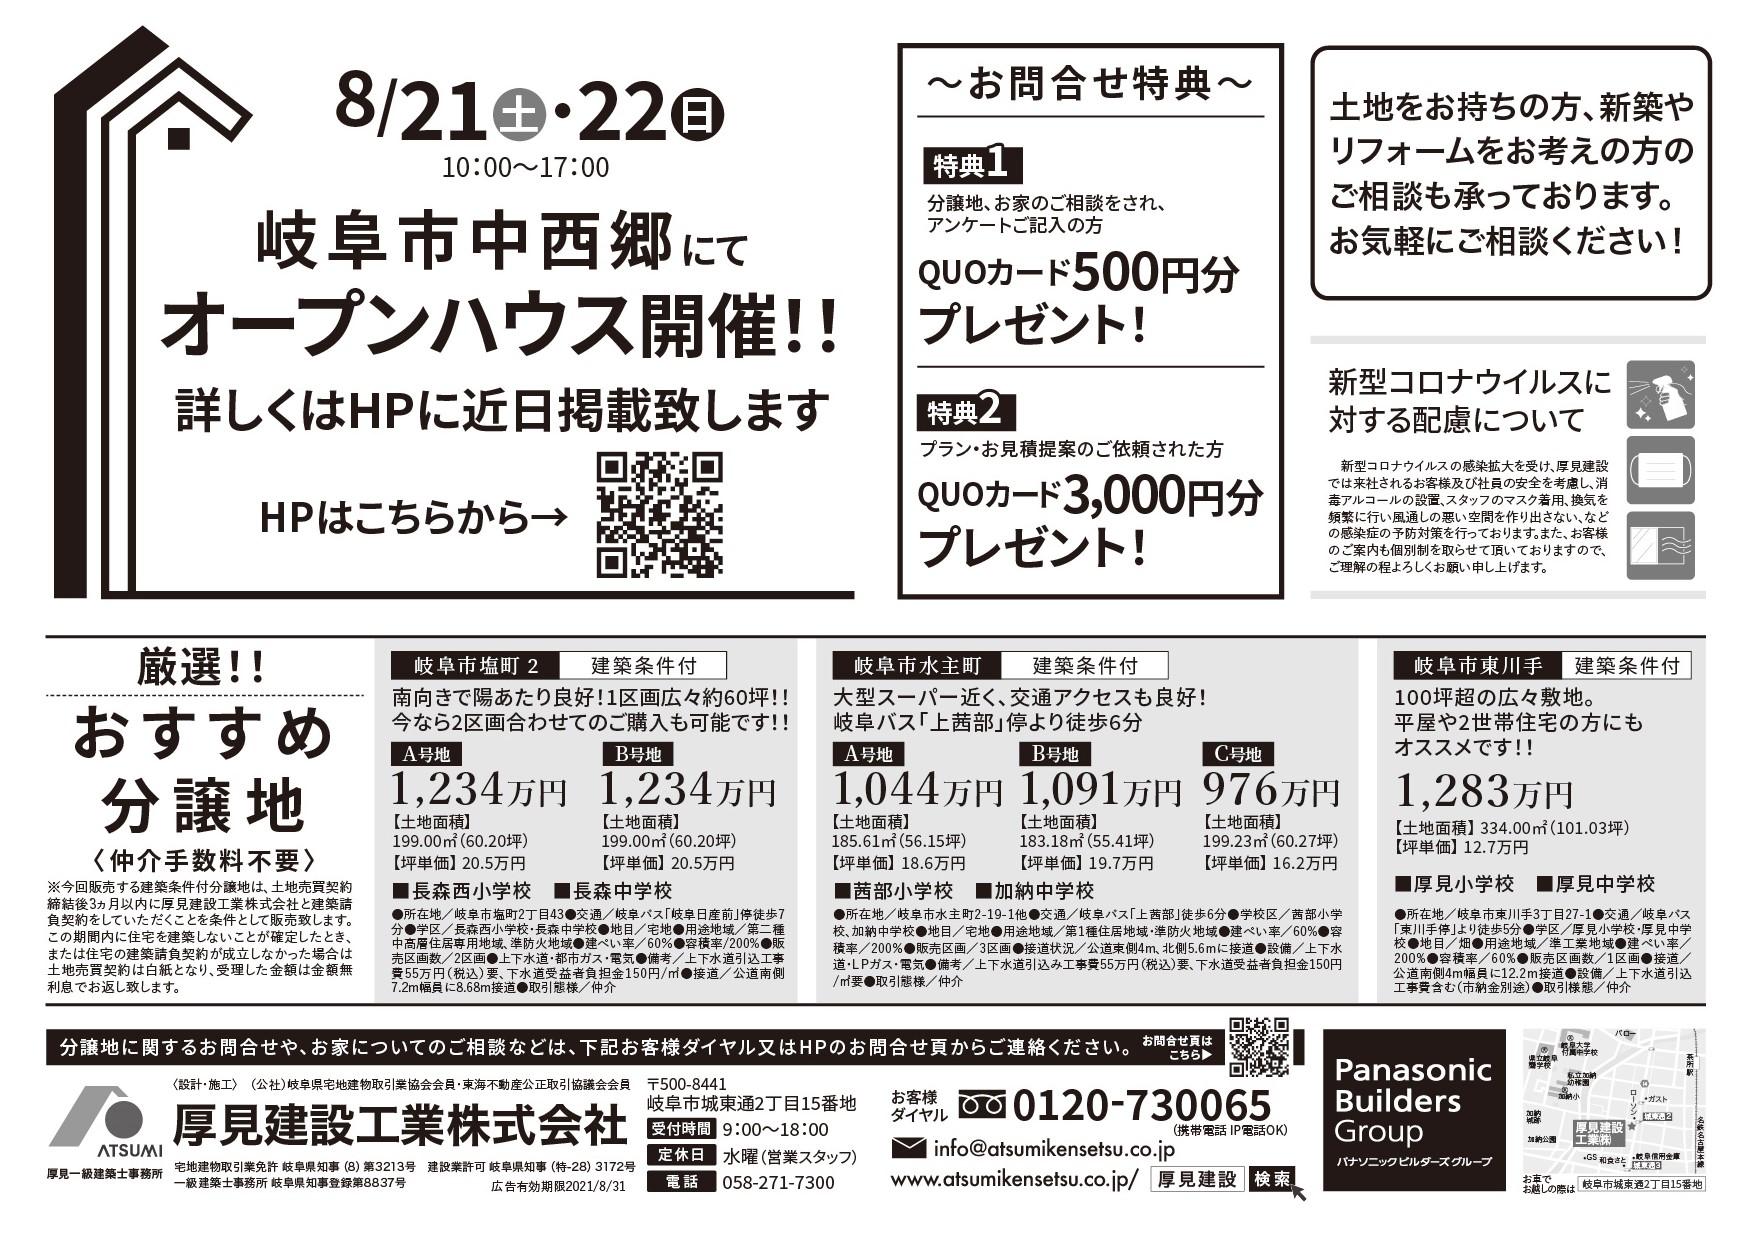 新規分譲計画のお知らせ!